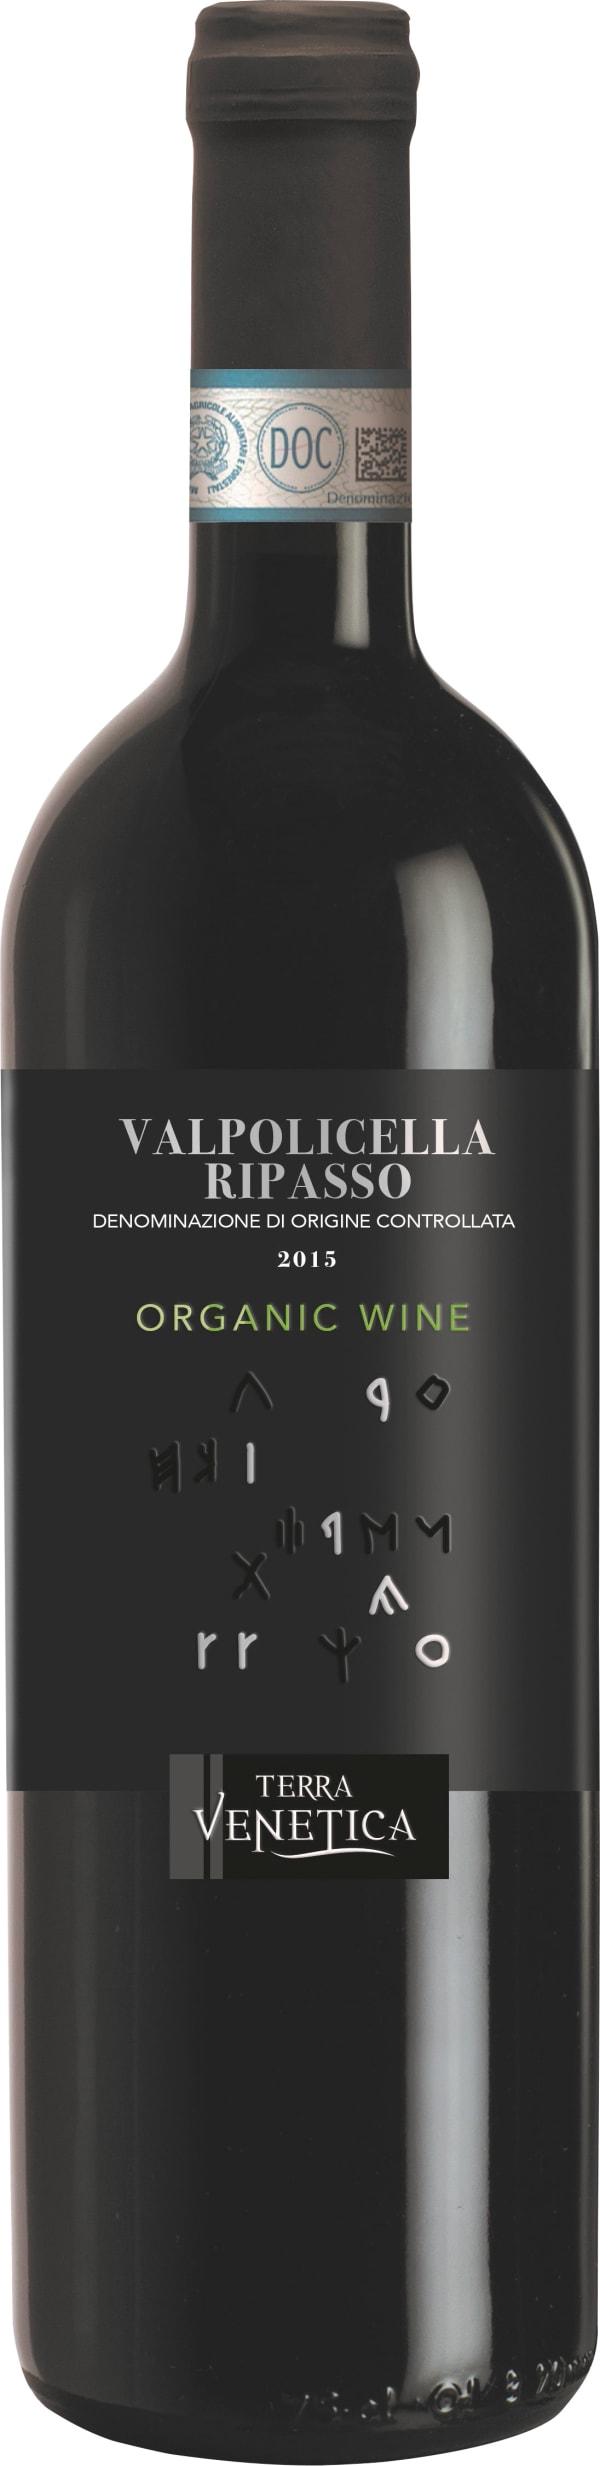 Terra Venetica Valpolicella Ripasso Organic 2015